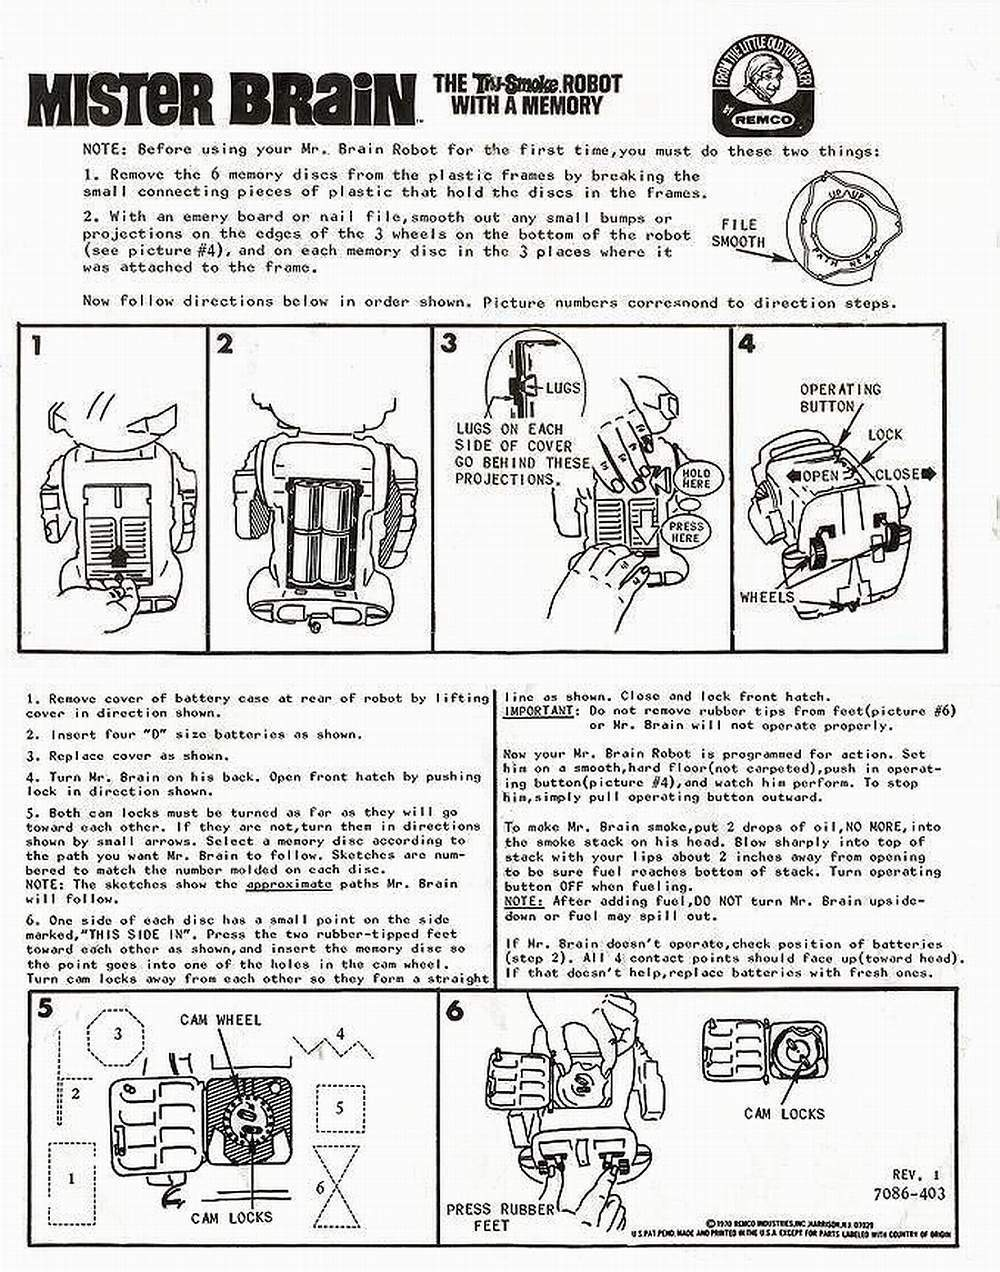 инструкция к furby 2005